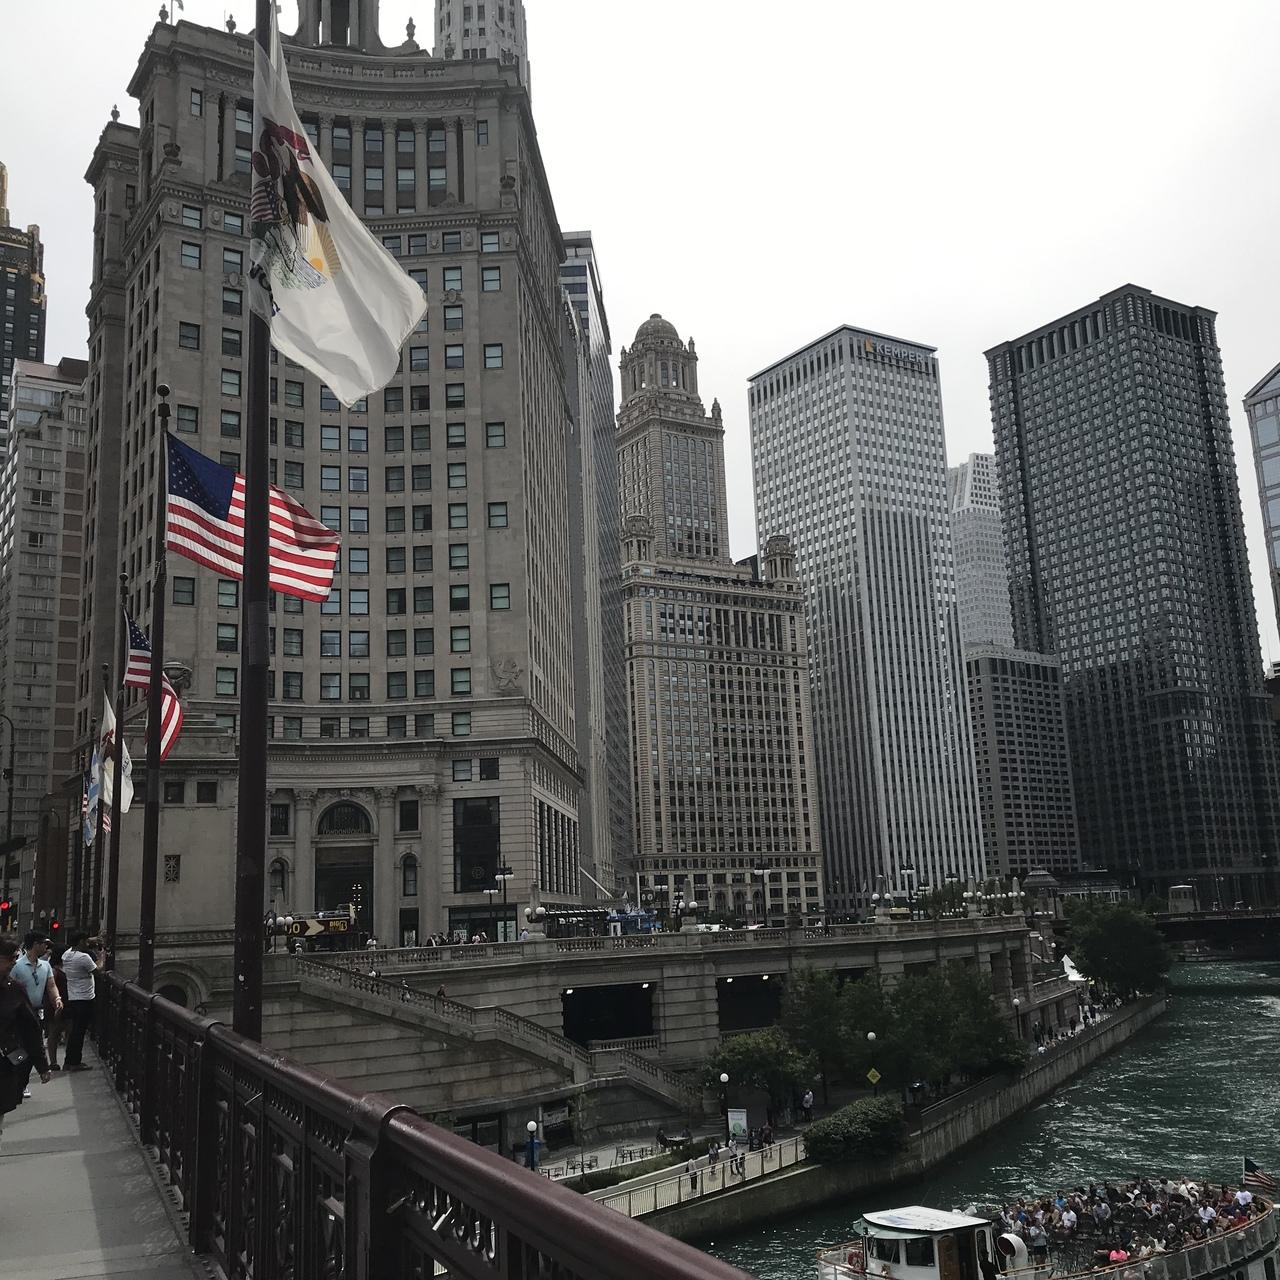 時差 シカゴ